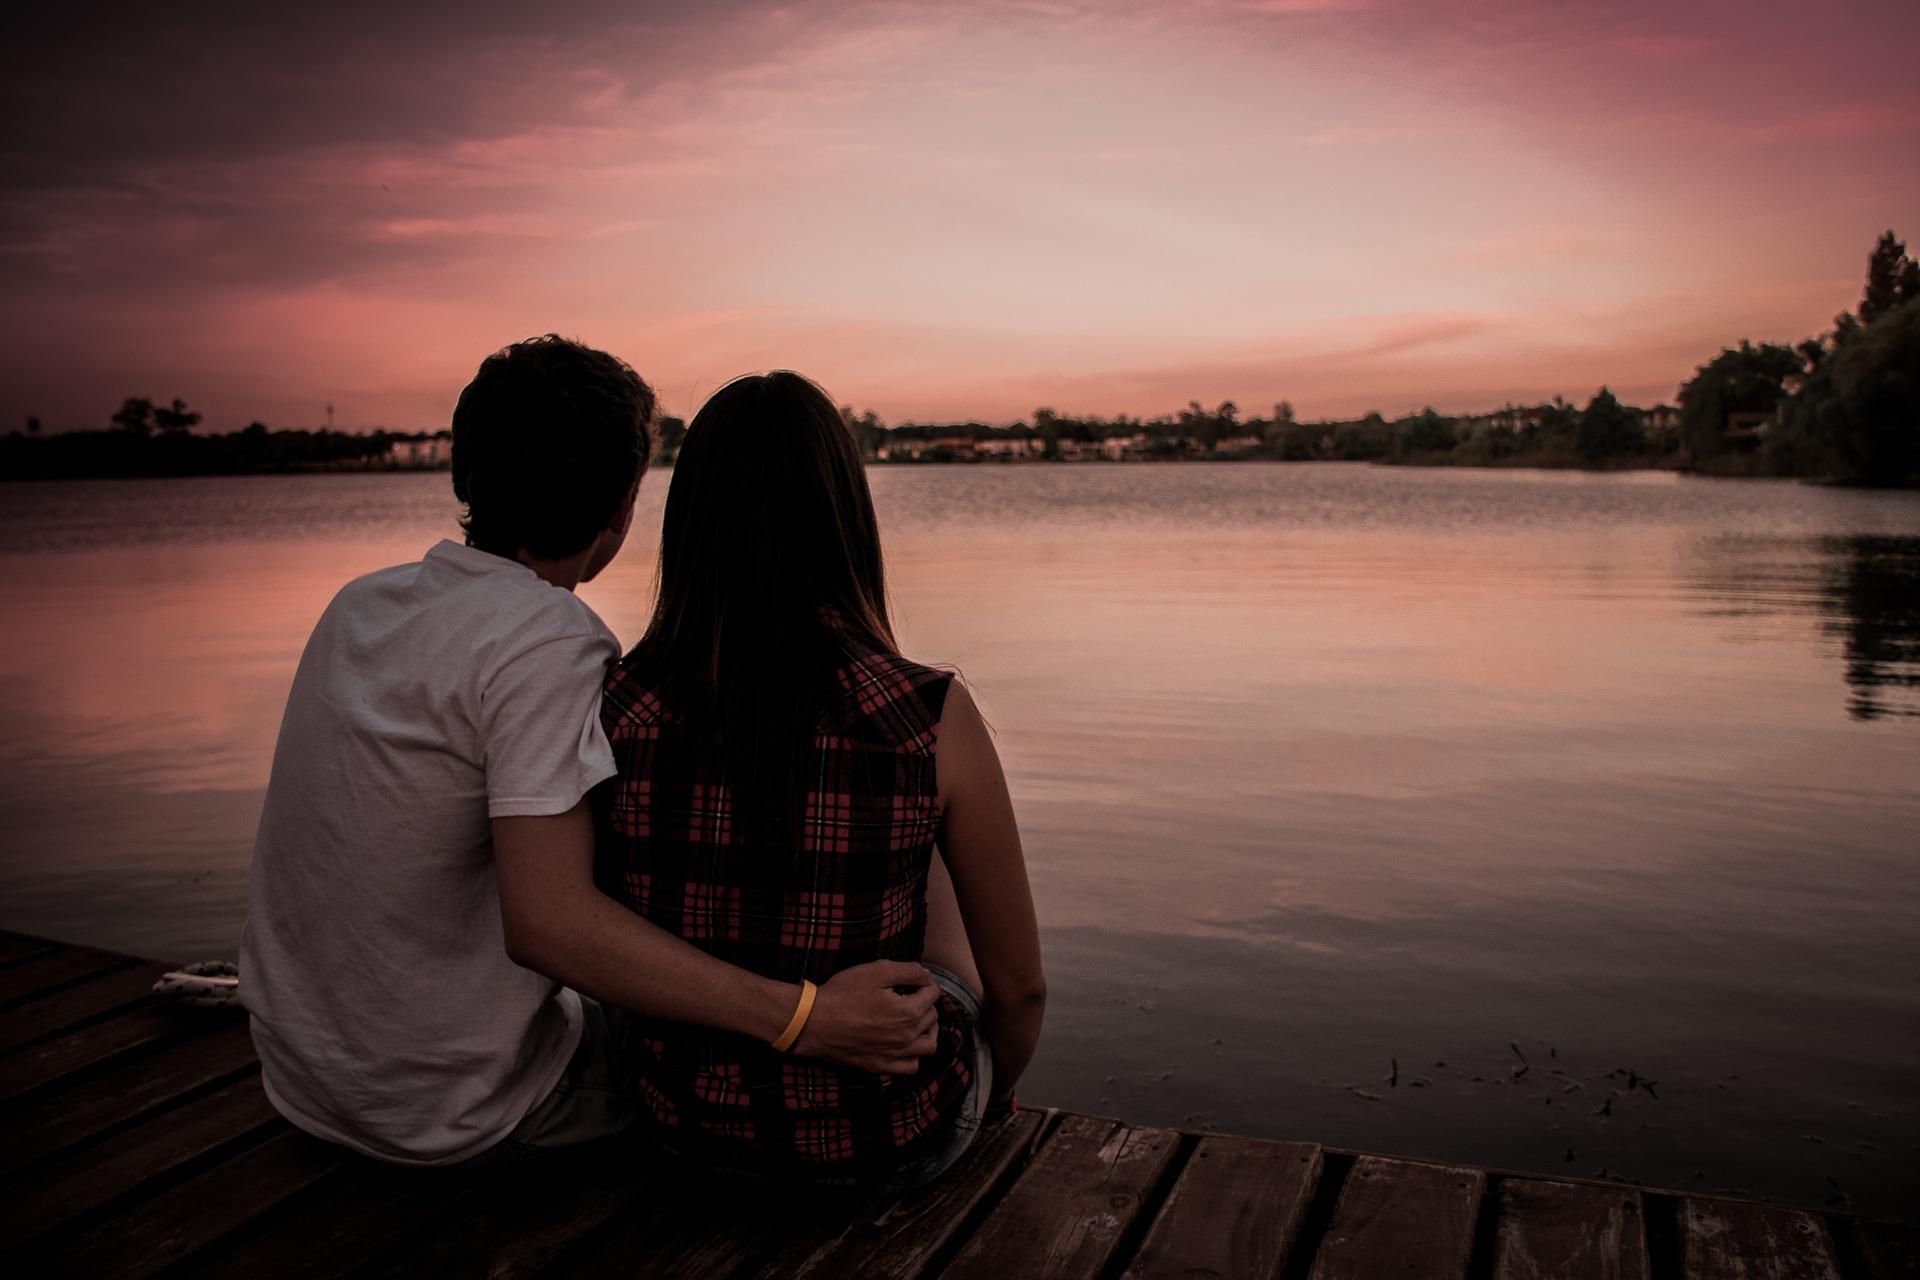 couple-1209790_1920